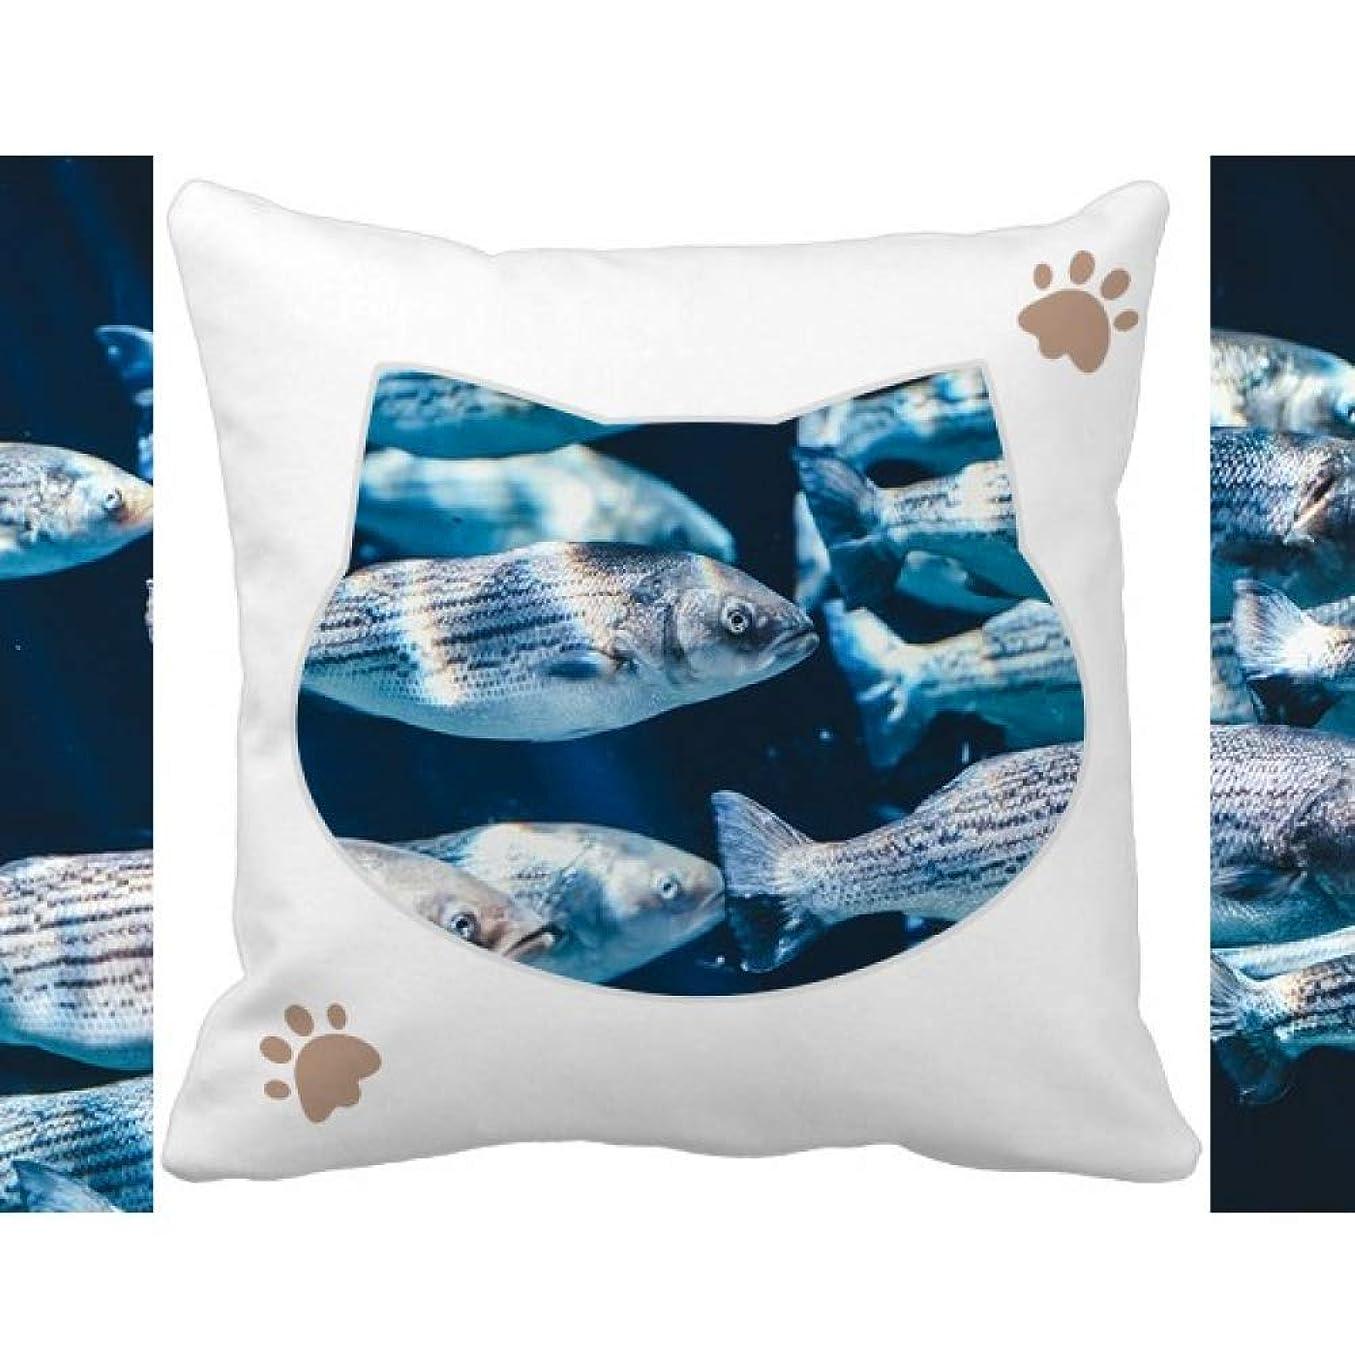 社員材料プラス動物の海洋生物の熱帯魚 枕カバーを放り投げる猫広場 50cm x 50cm